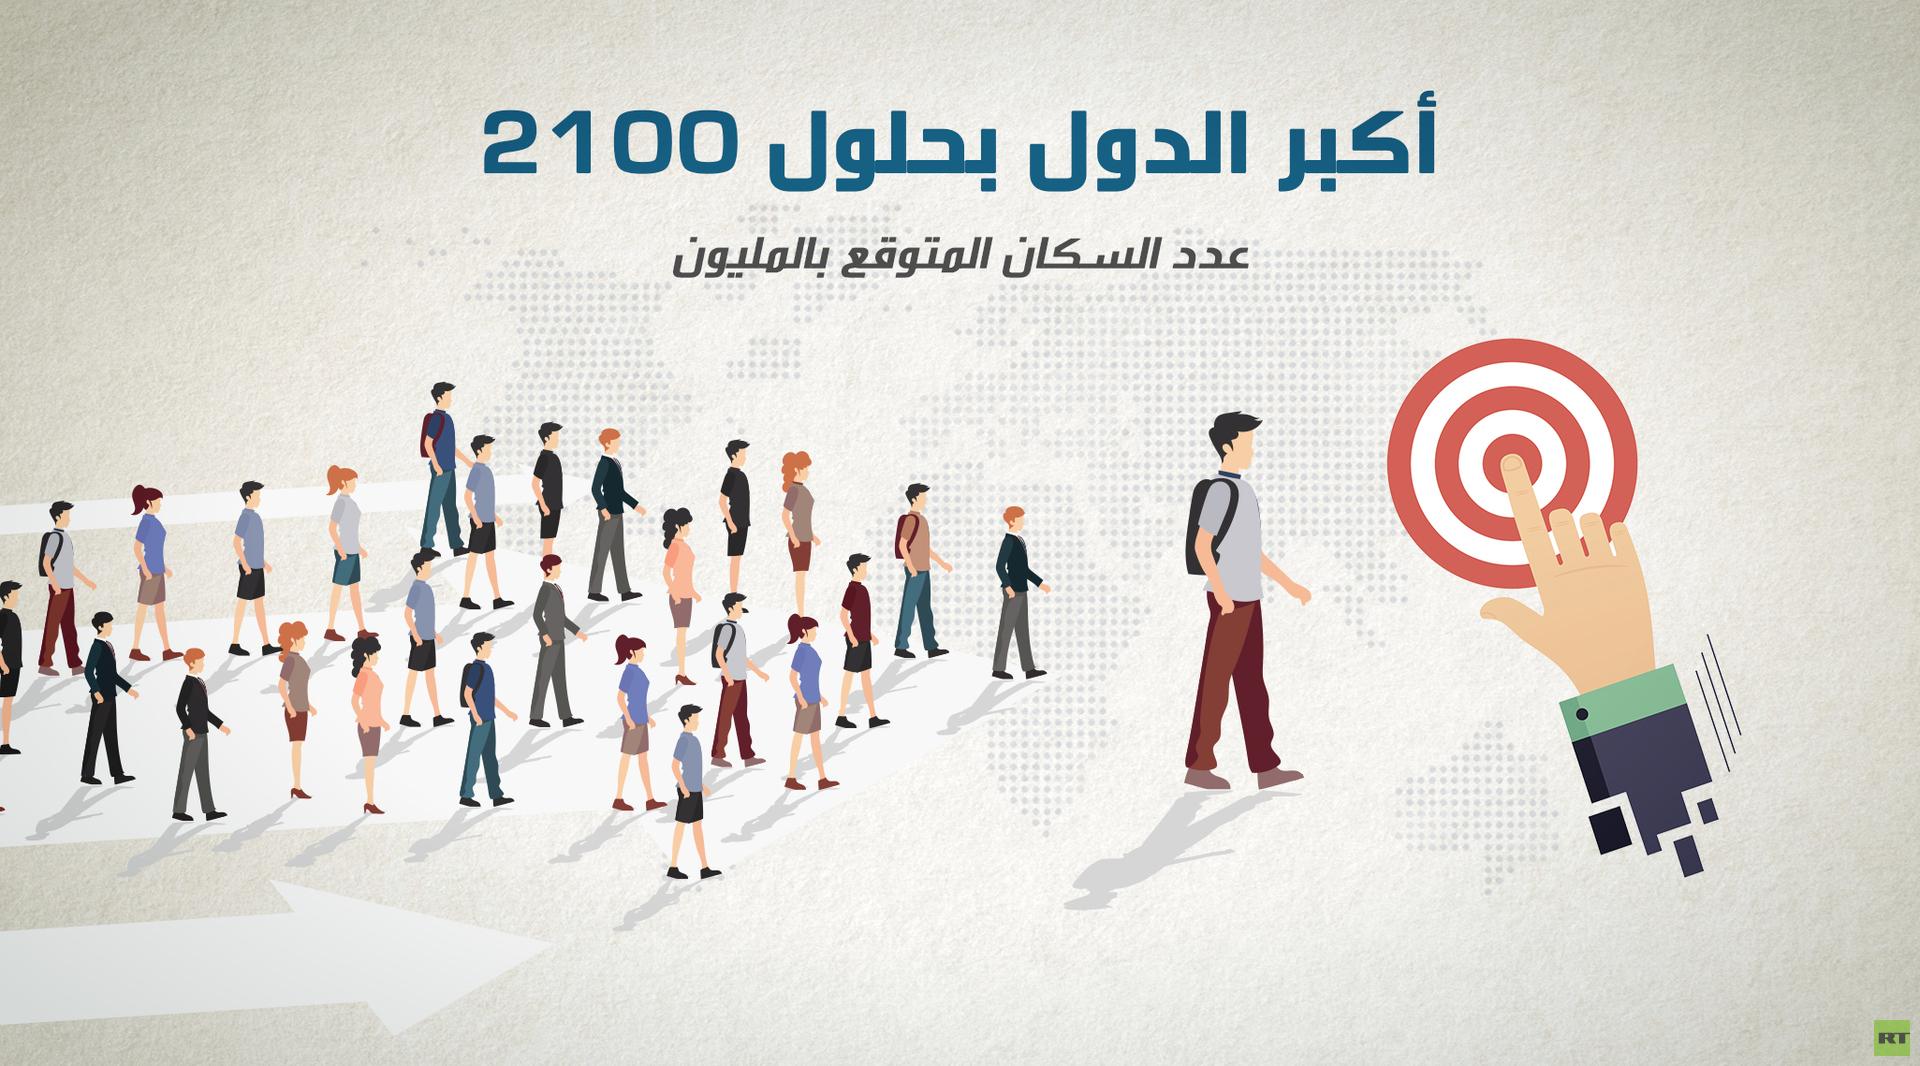 أكبر الدول بحلول 2100